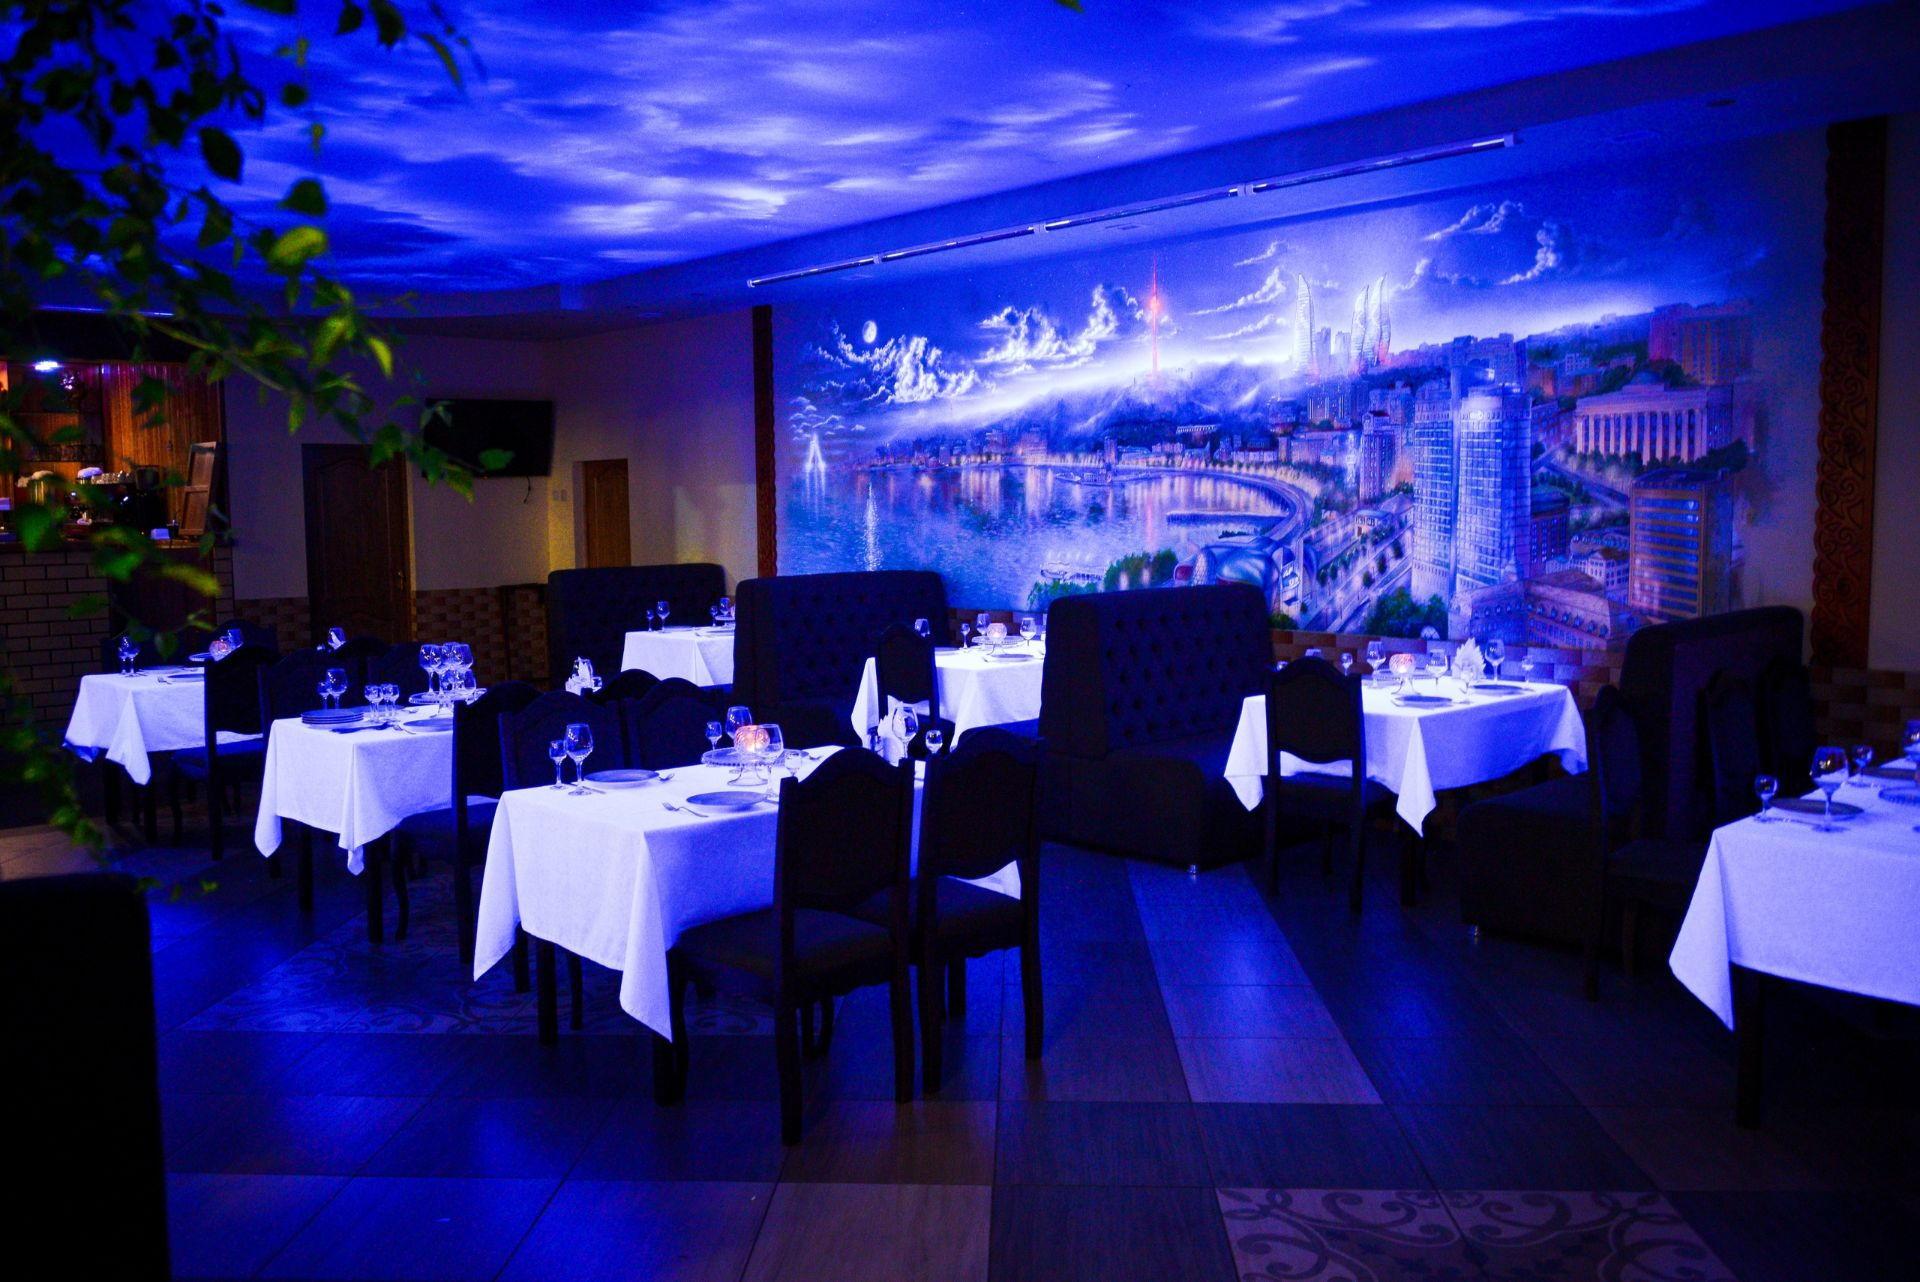 ресторан Бакинский дворик интерьер